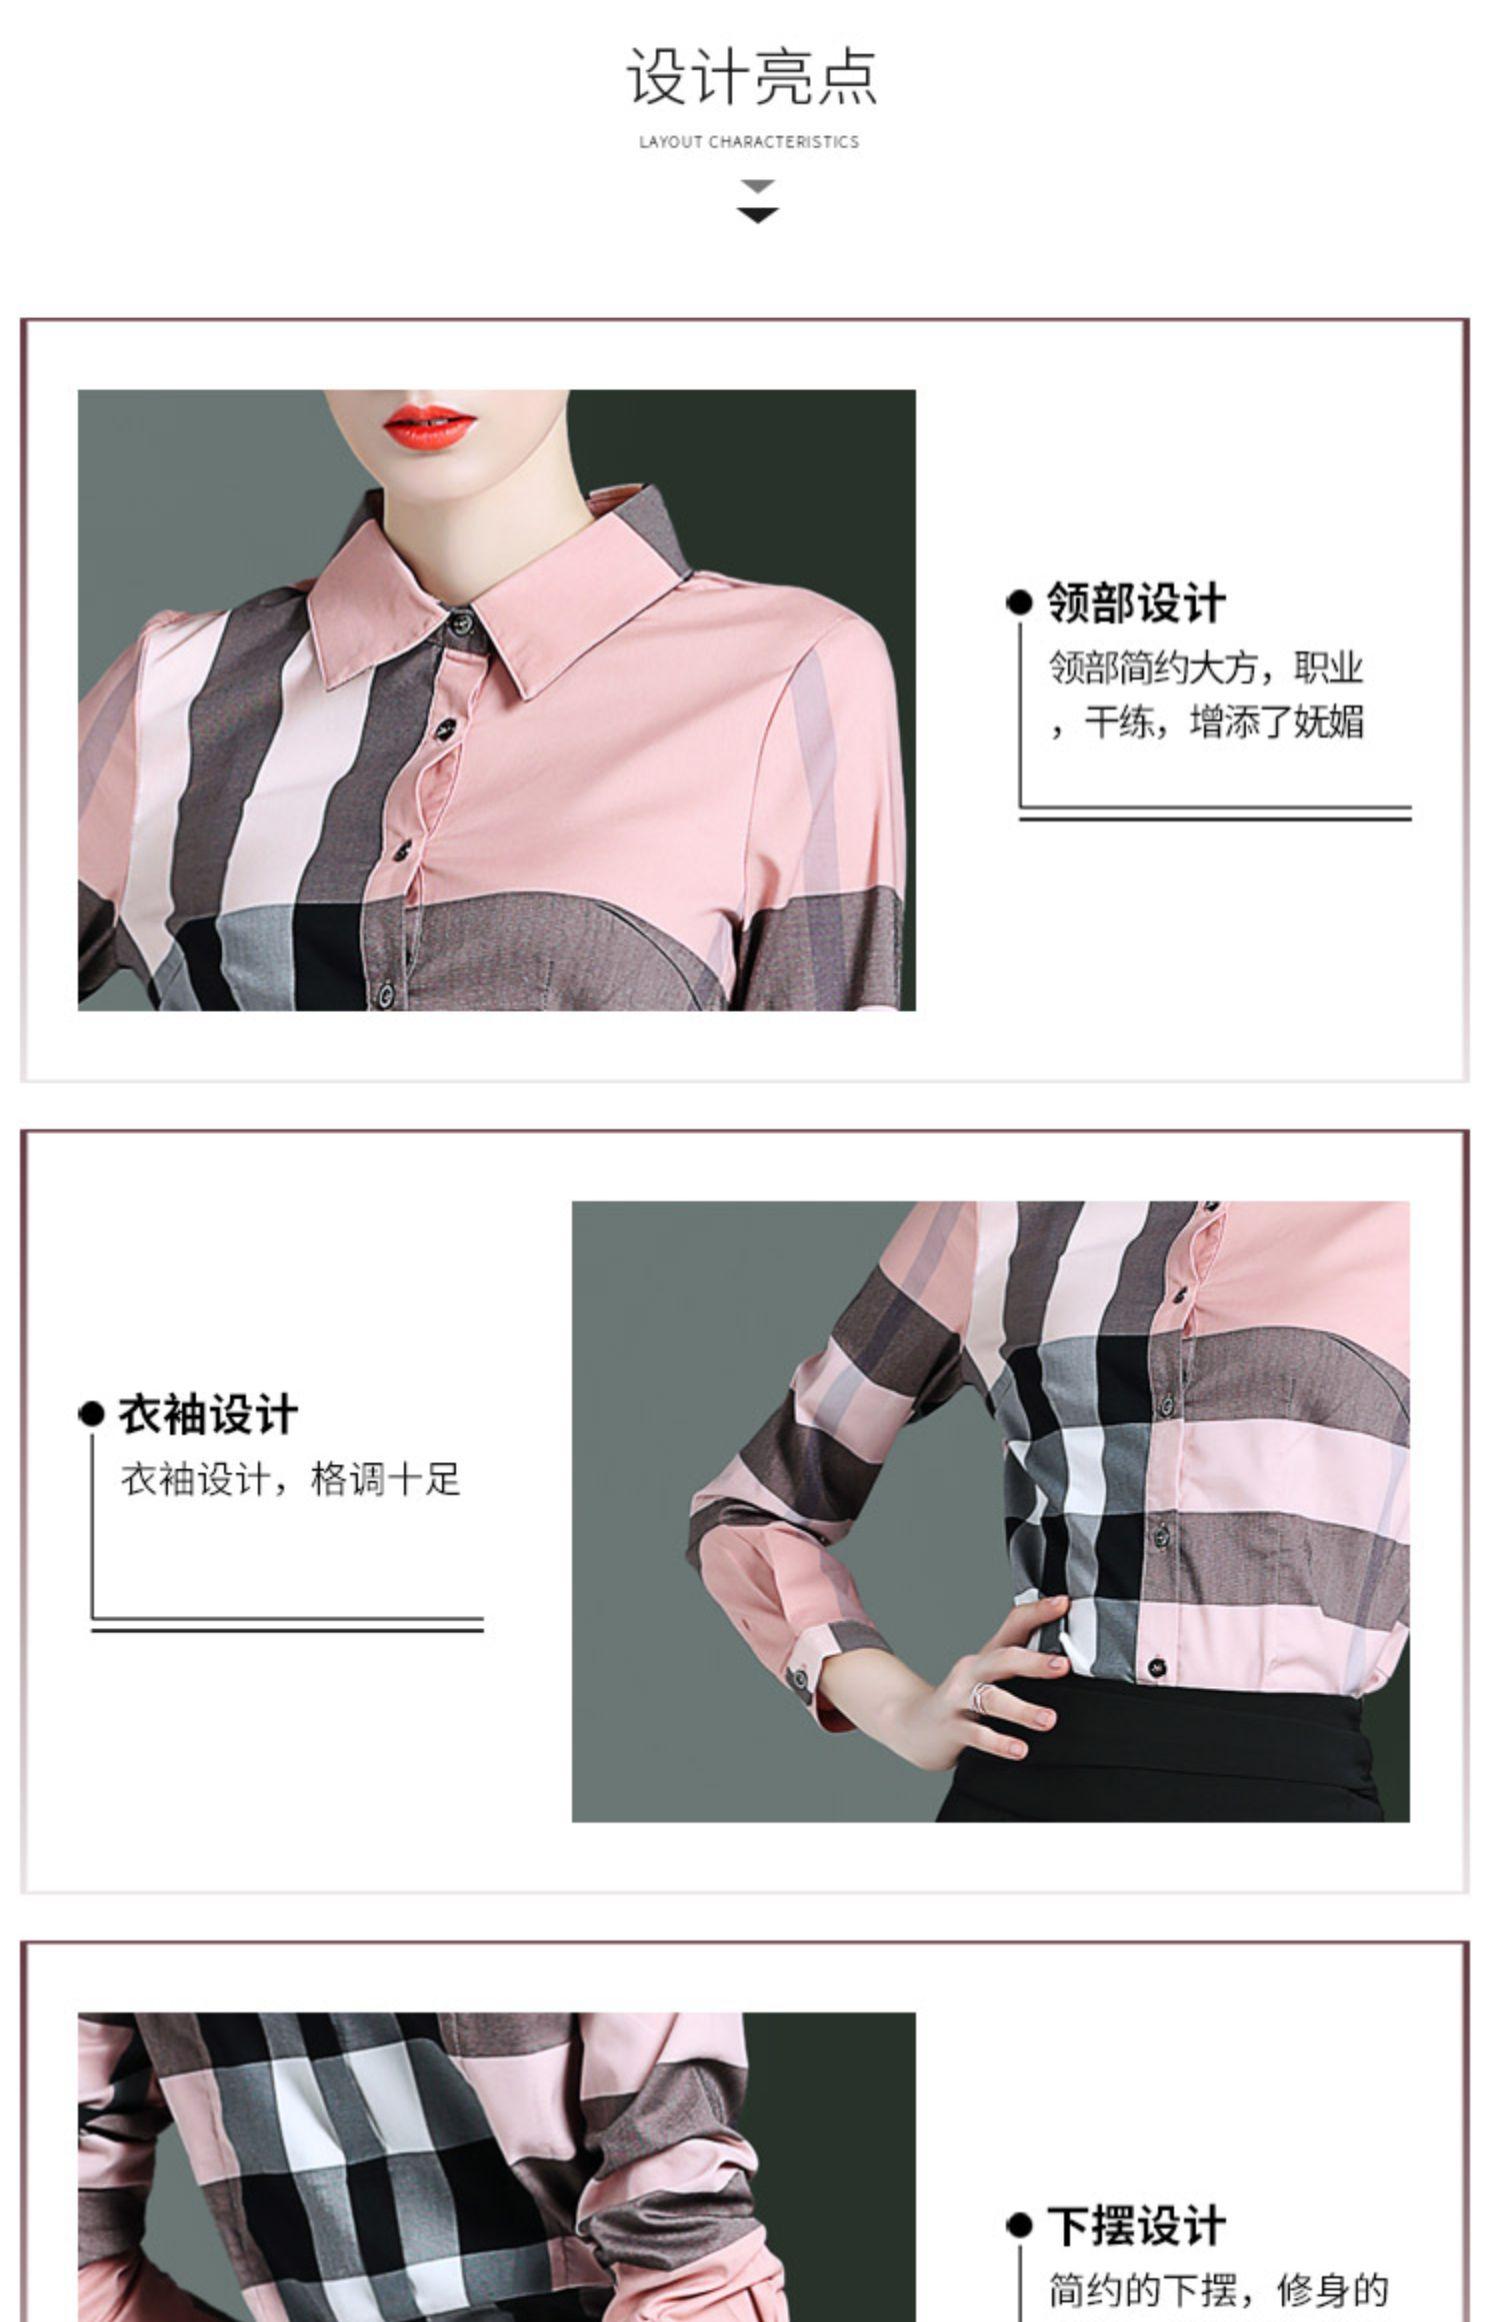 海青蓝职业秋冬上衣女士2019新款气质复古格子拼色法式衬衫21682商品详情图